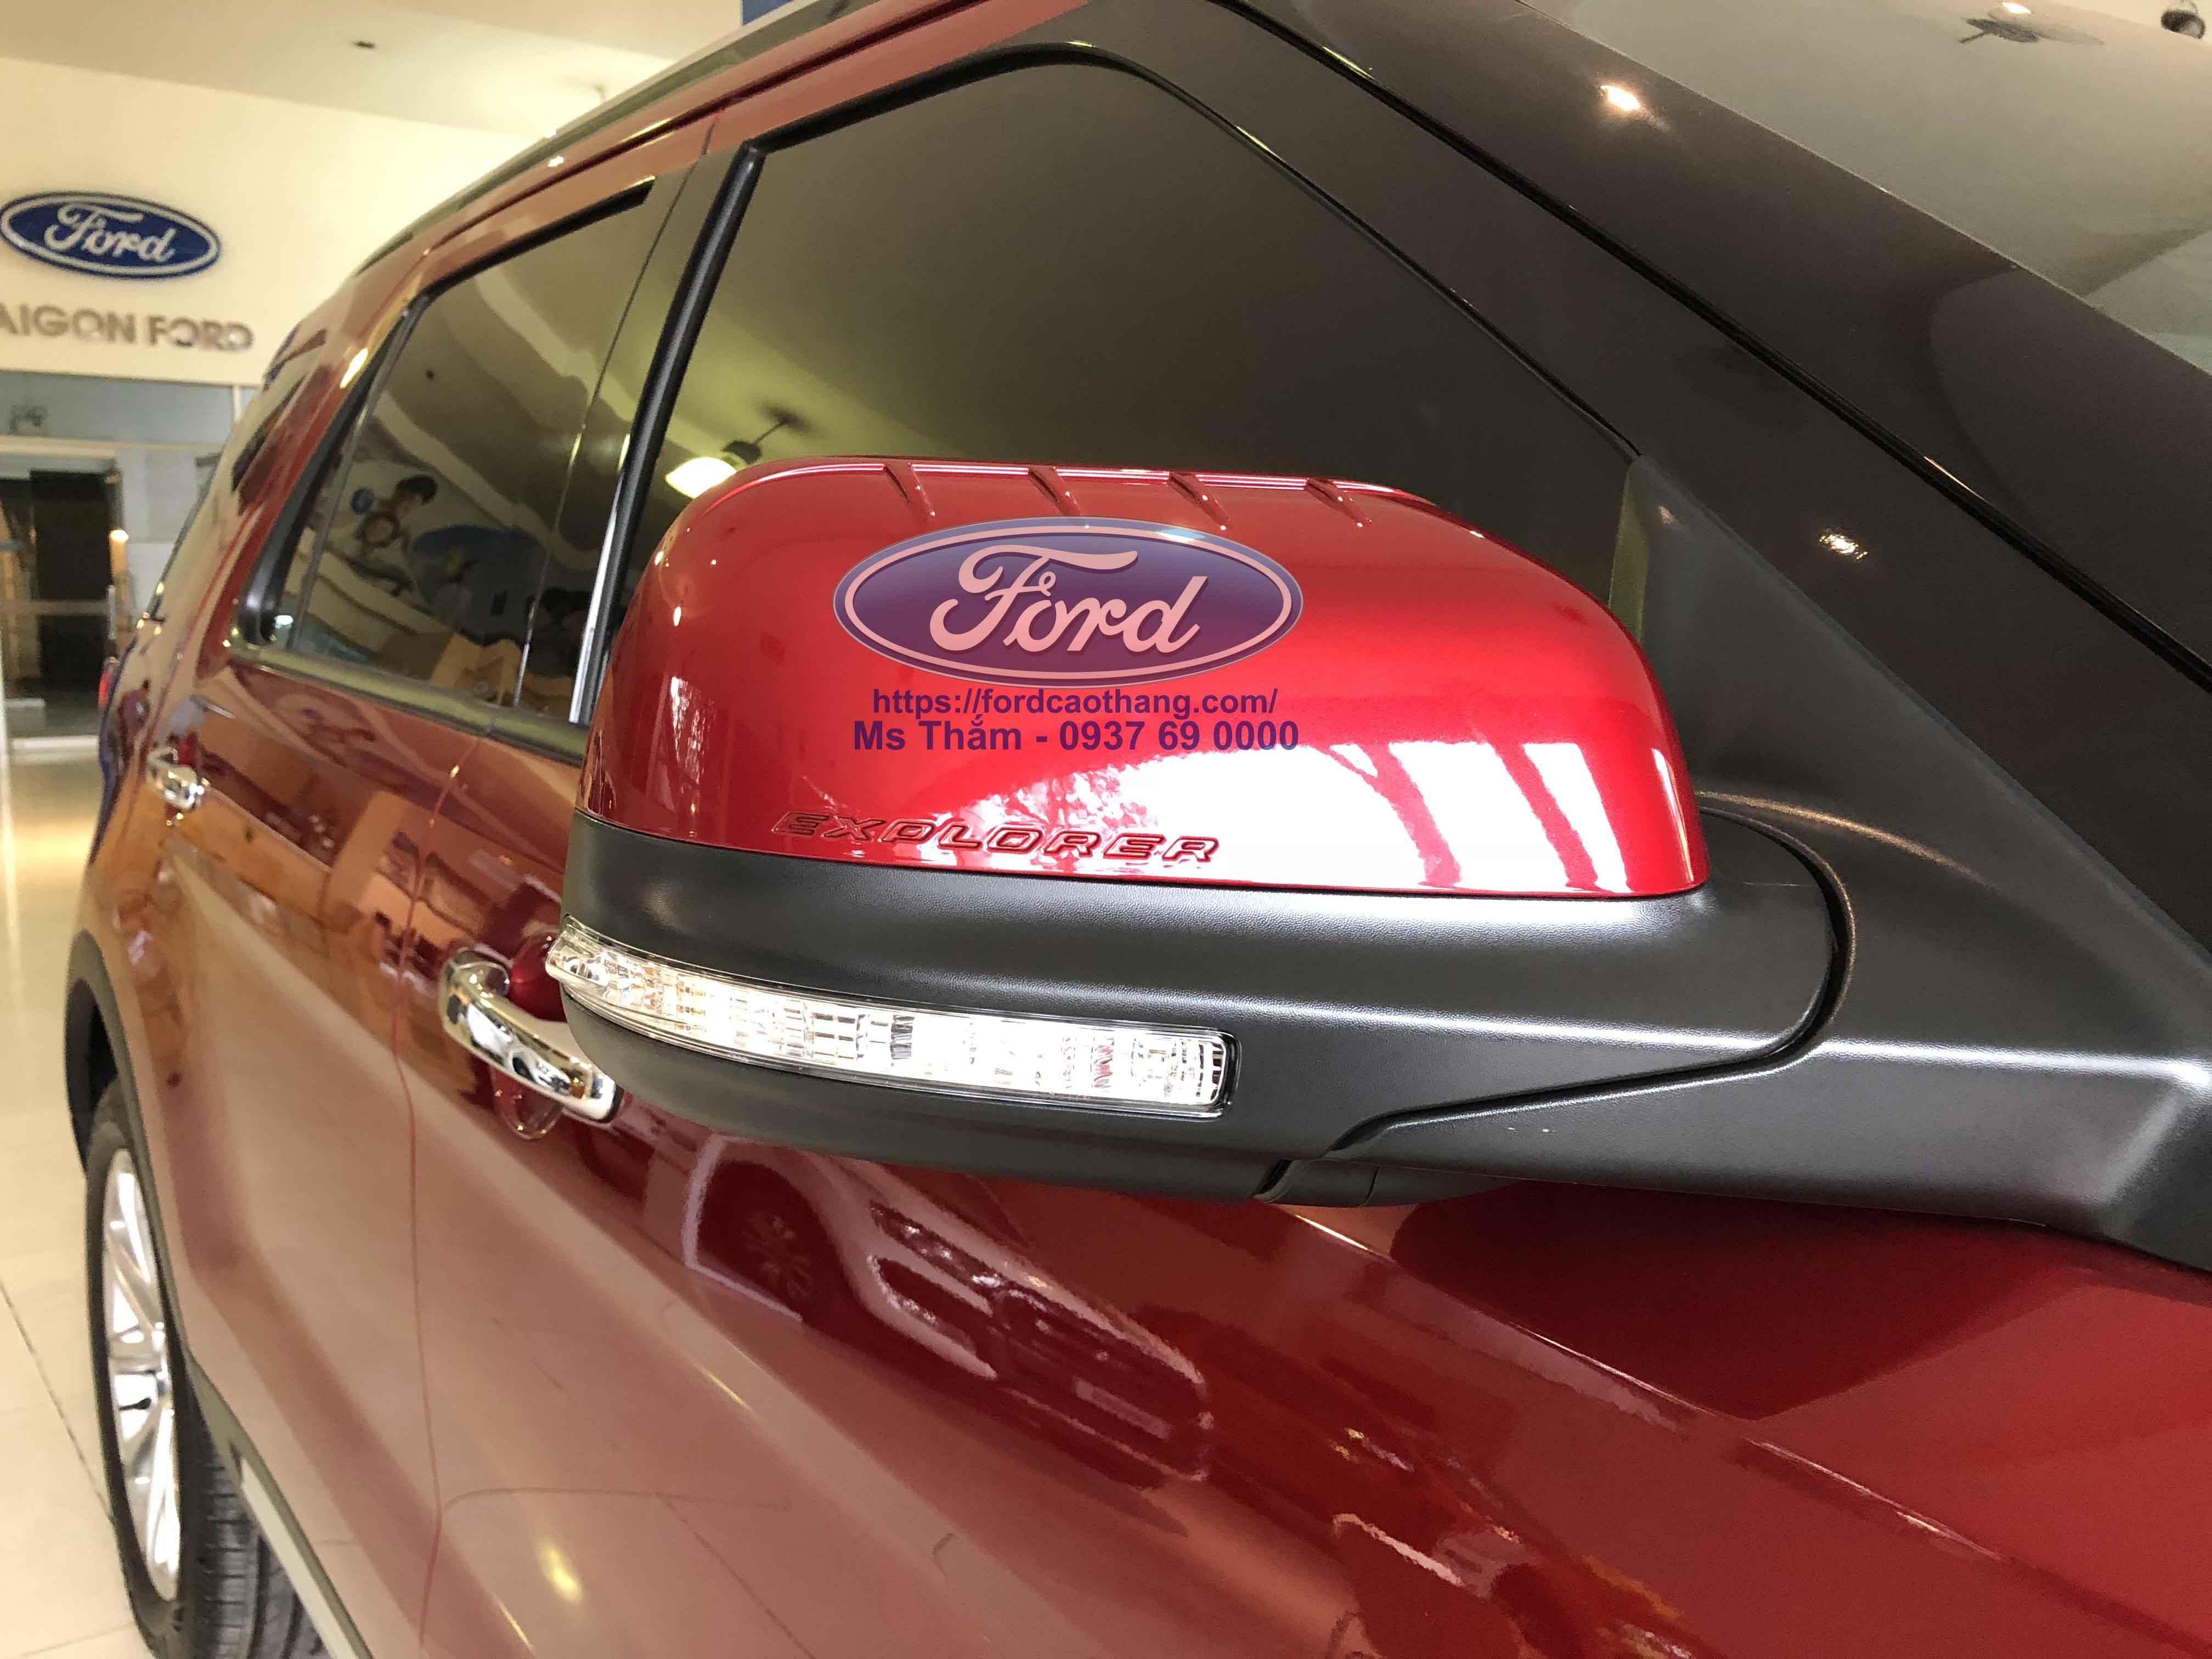 Thân xe Ford Explorer 2019